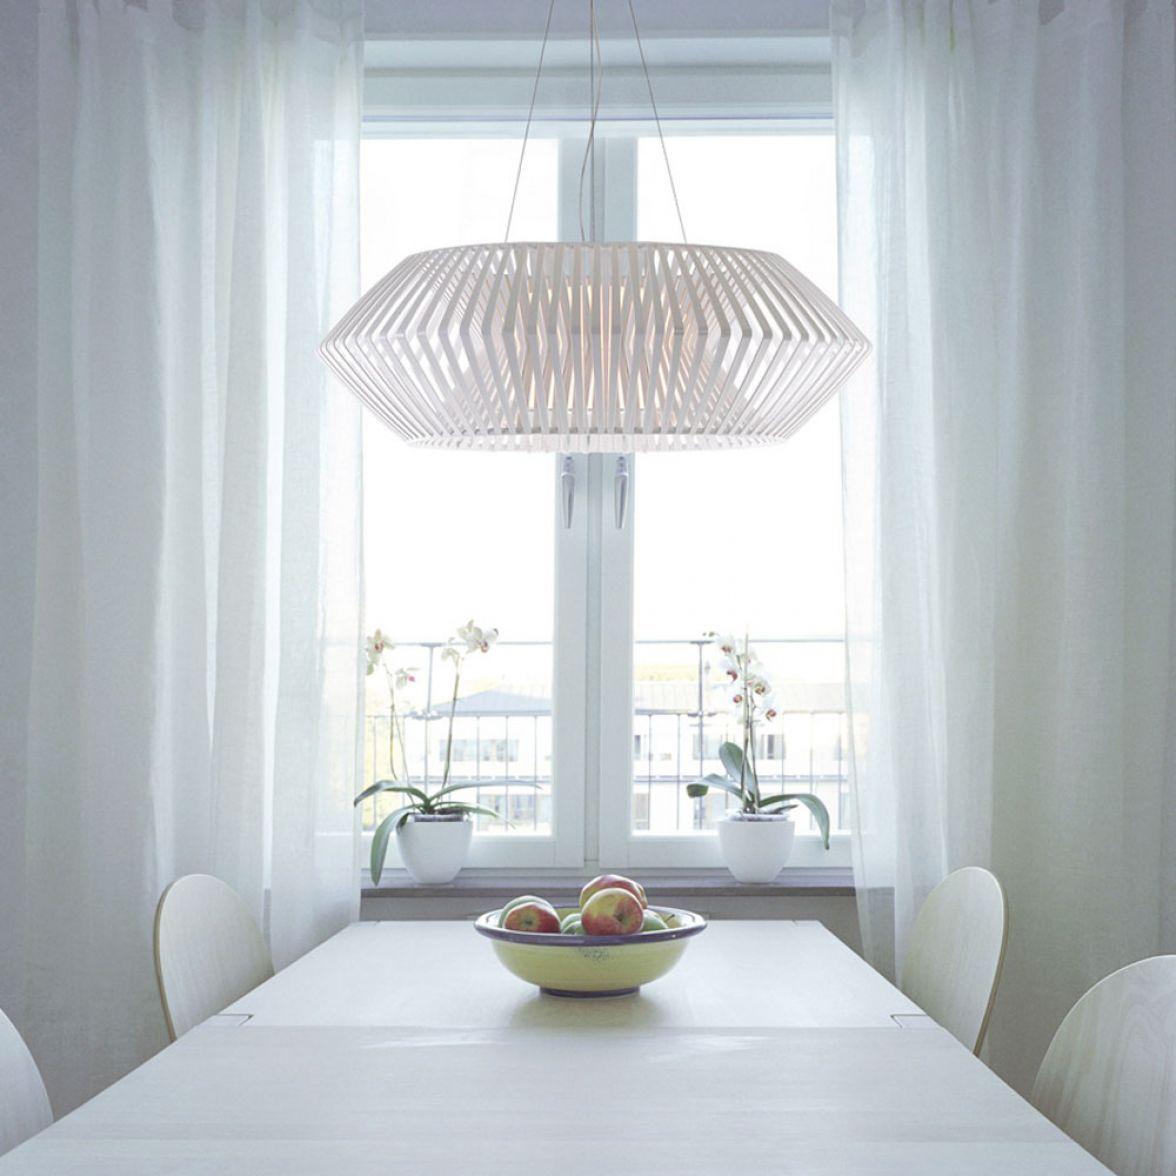 V pendant lamp